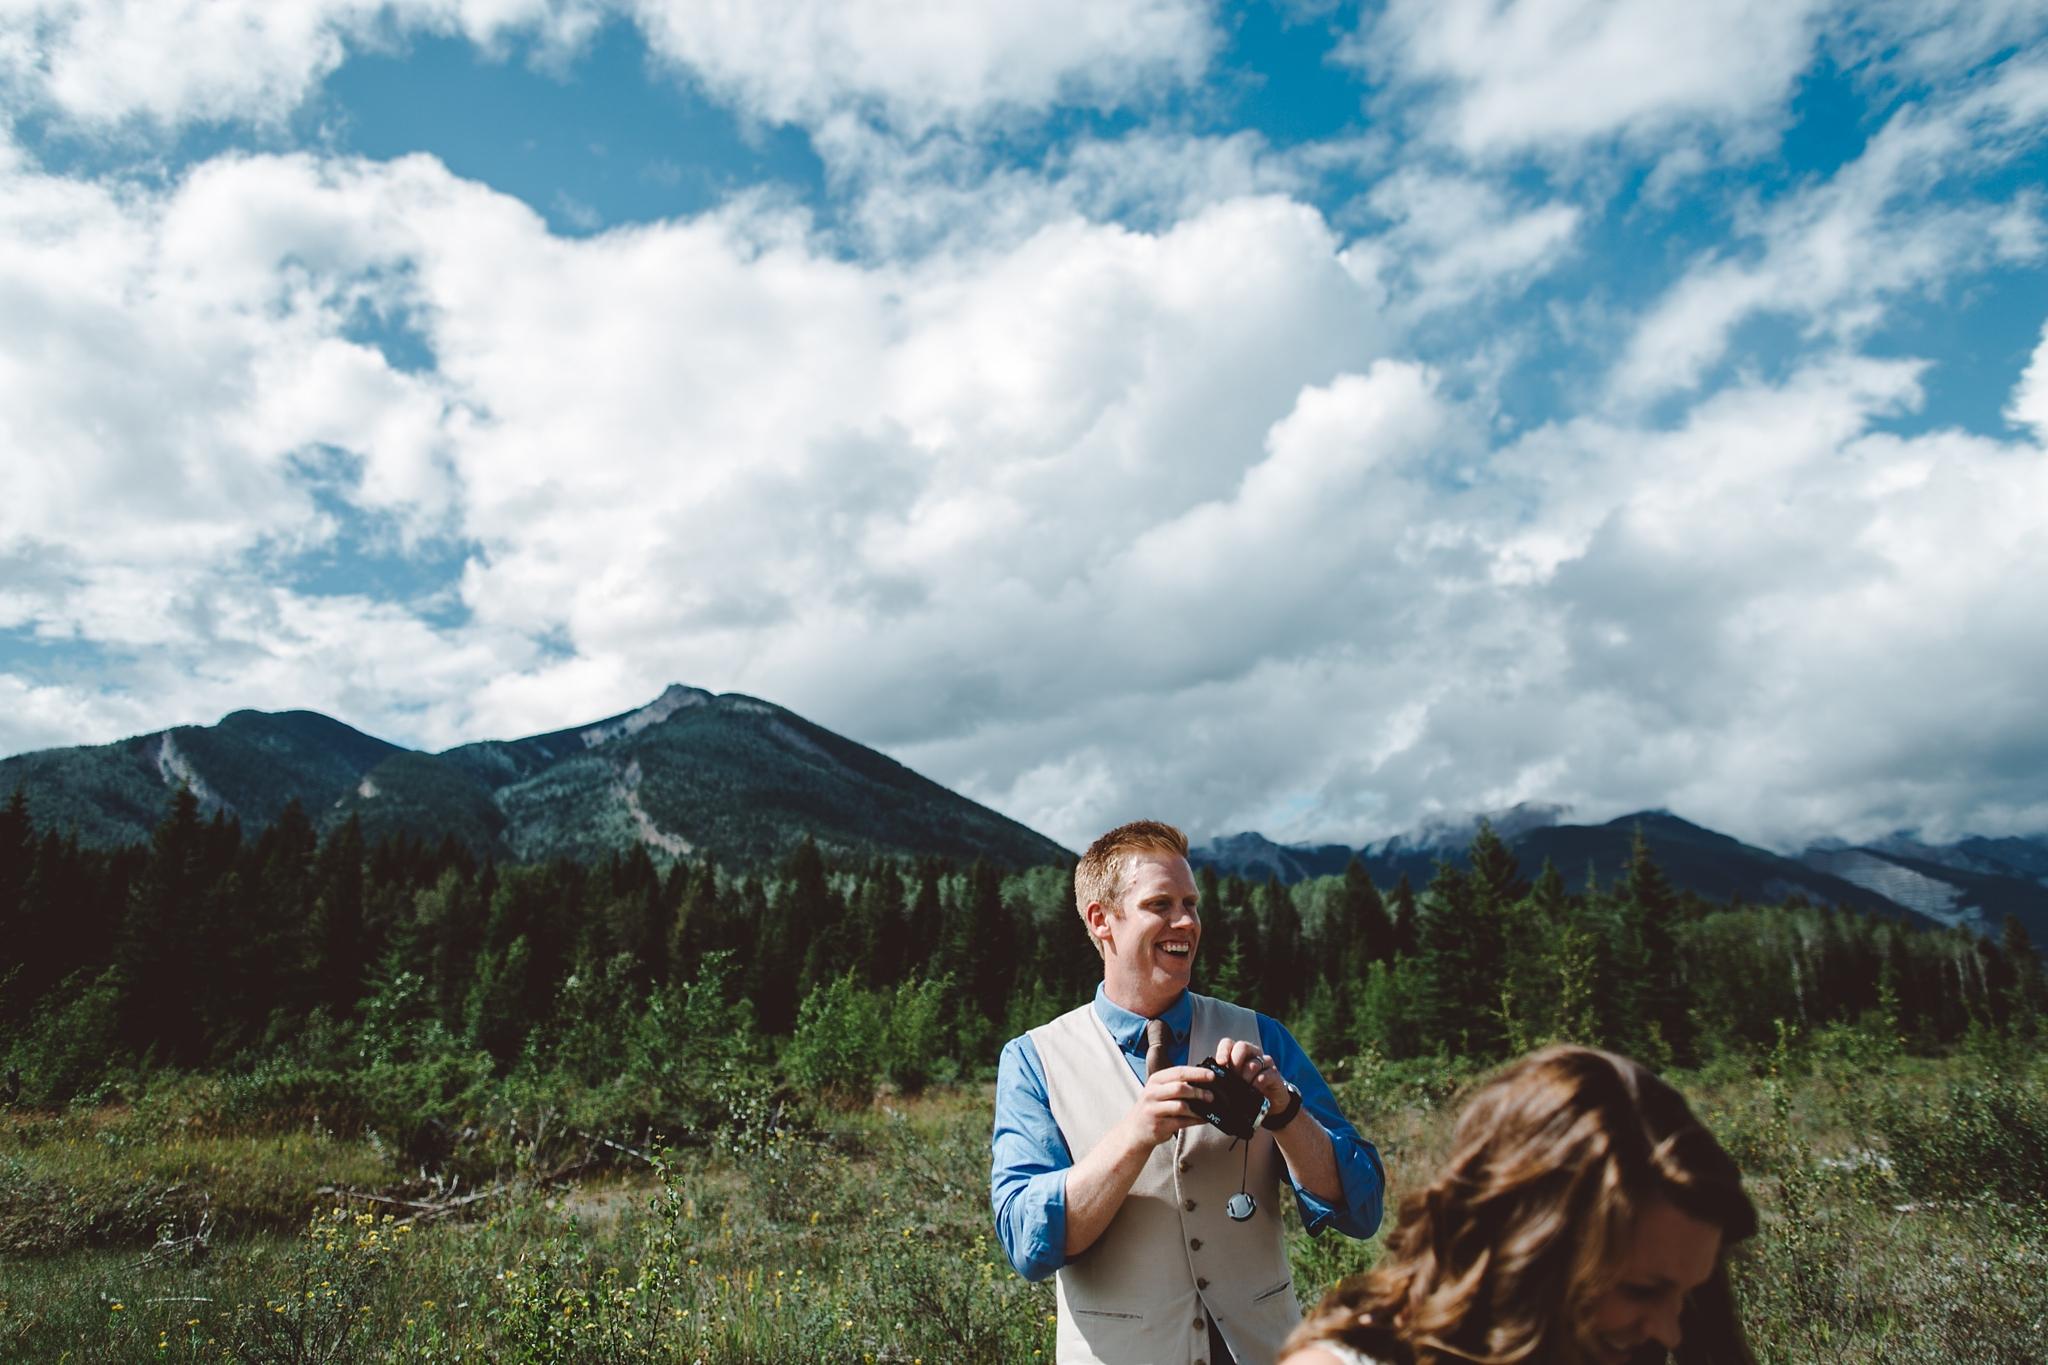 View More: http://kaihlatonai.pass.us/kaihlaandmark